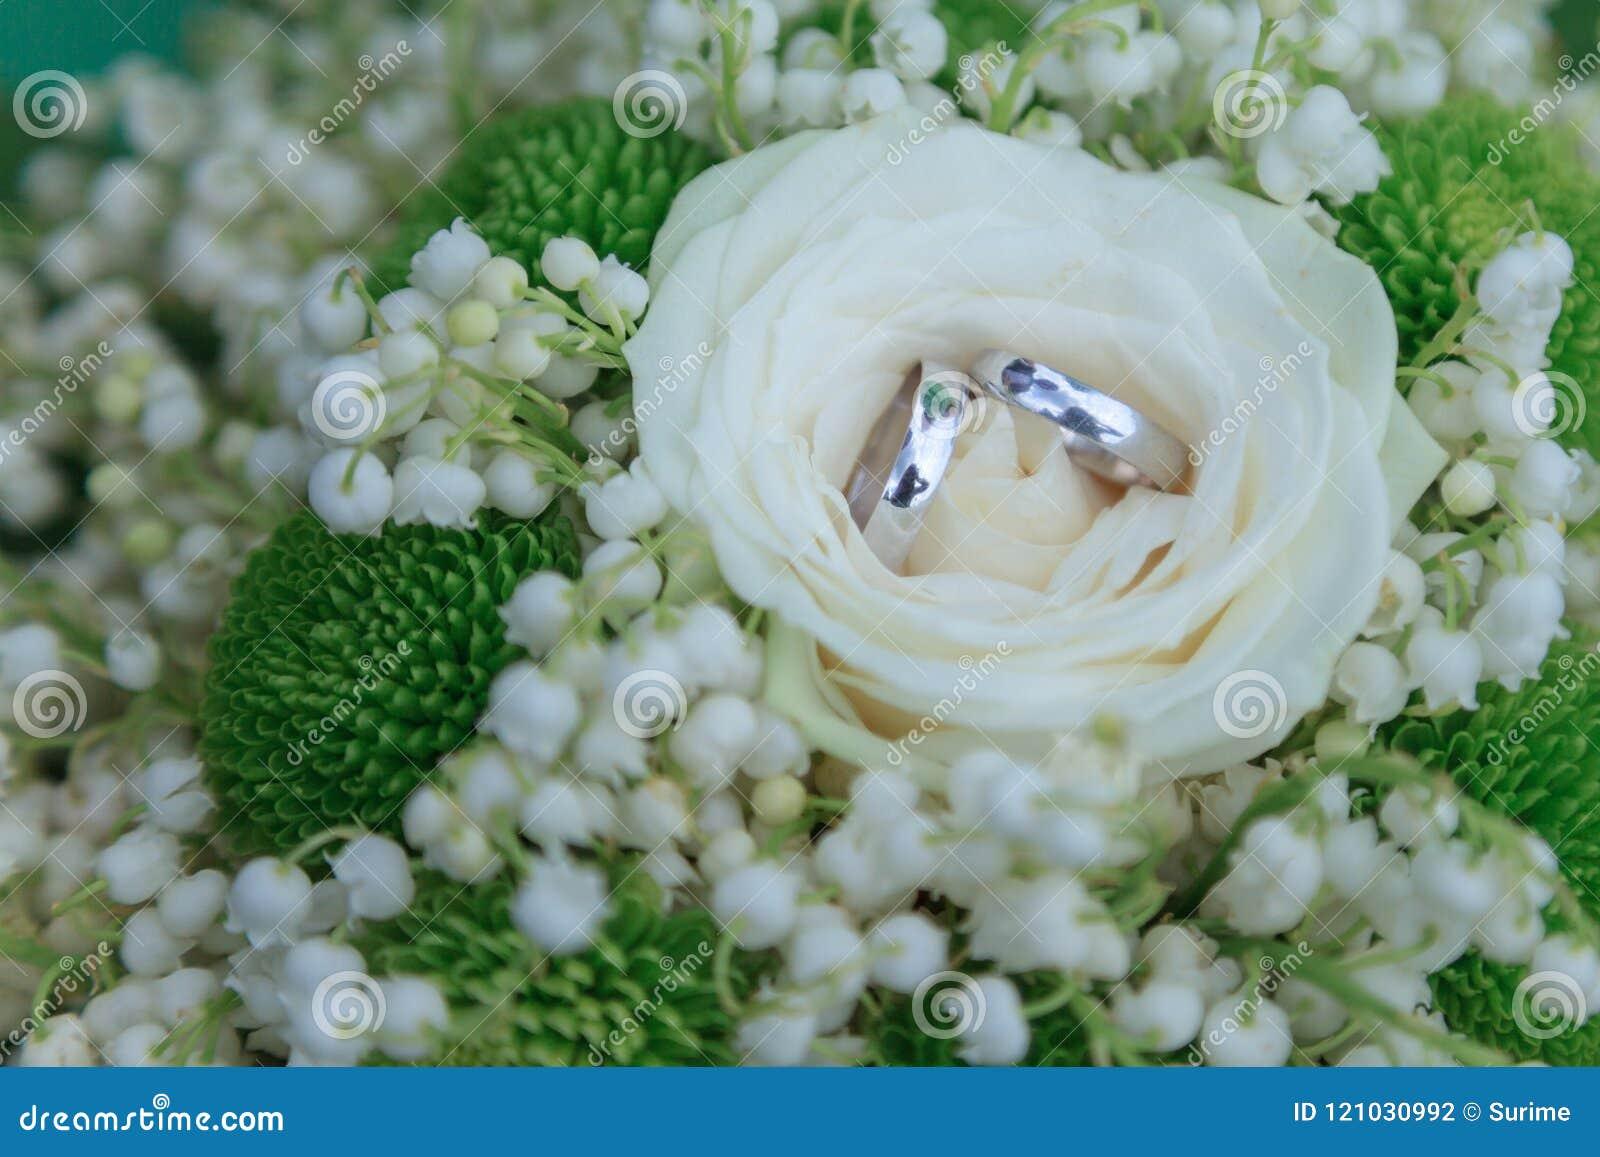 Alianças de casamento no fundo das flores